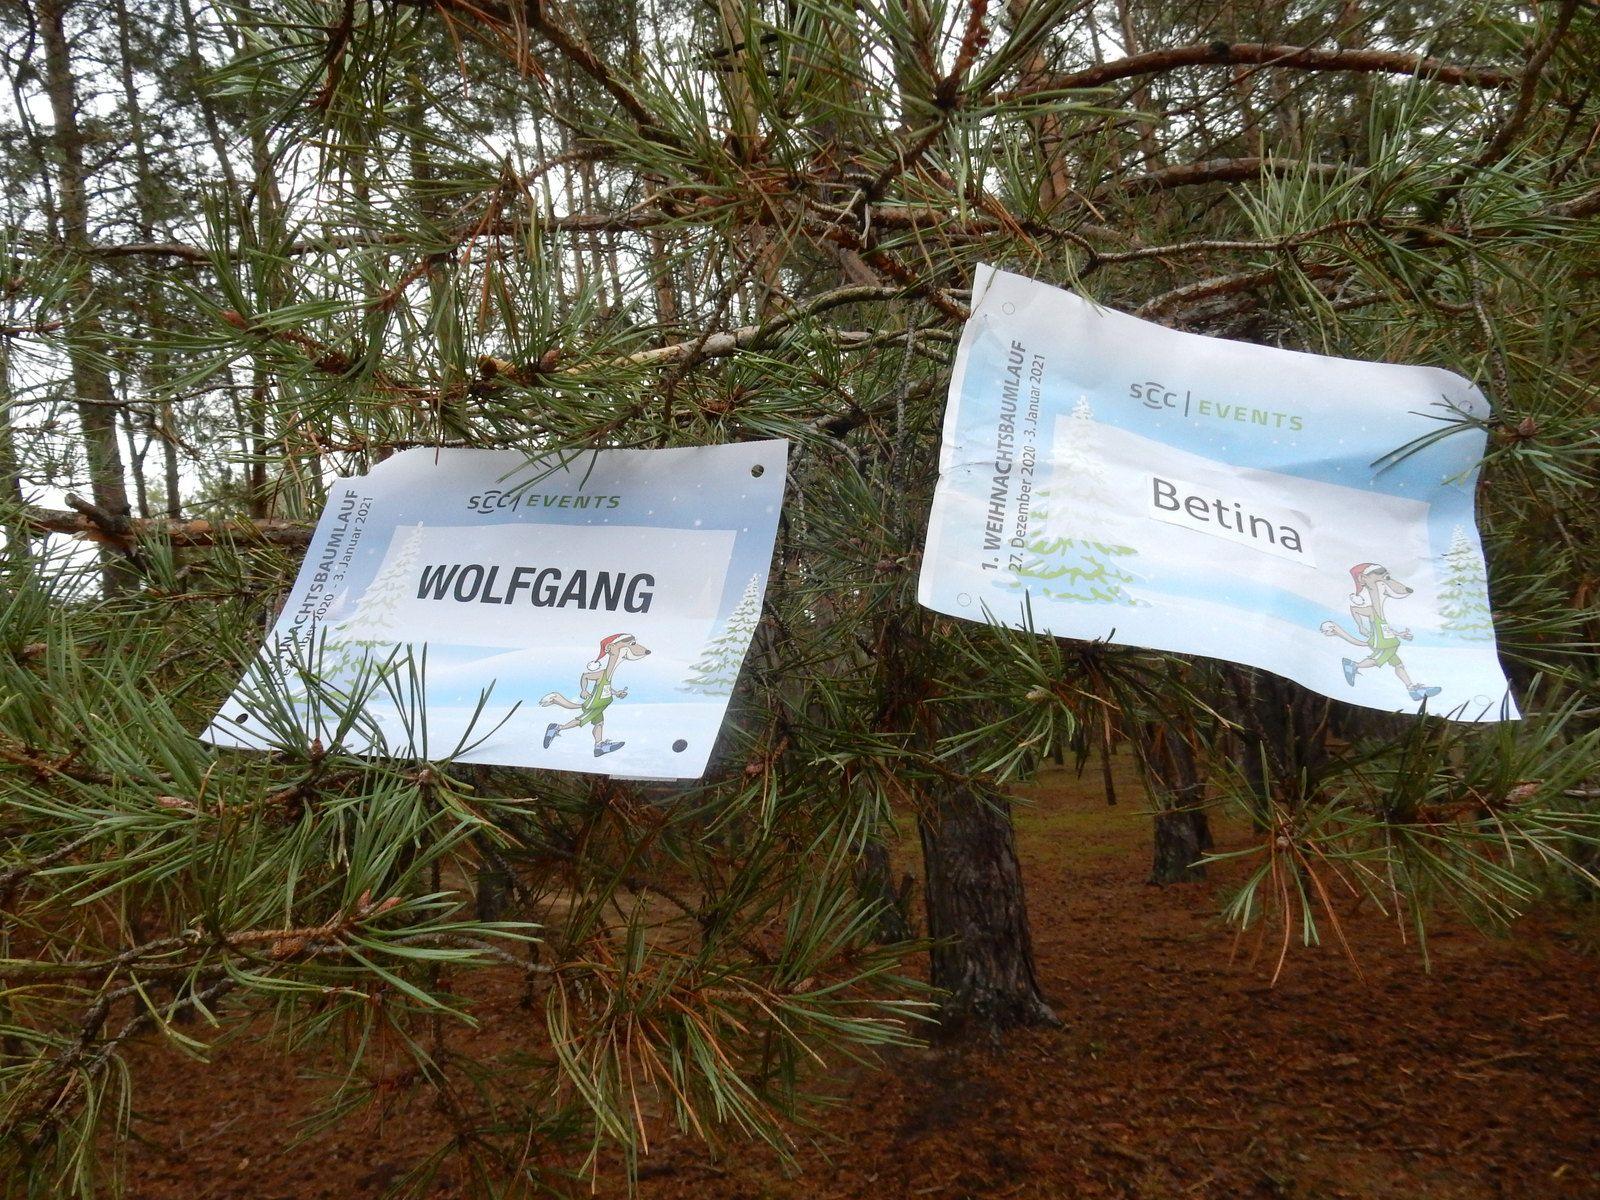 1. Weihnachtsbaumlauf des SCC in den Falkenseer Alpen am 2. Januar 2021 mit Coronaabstand